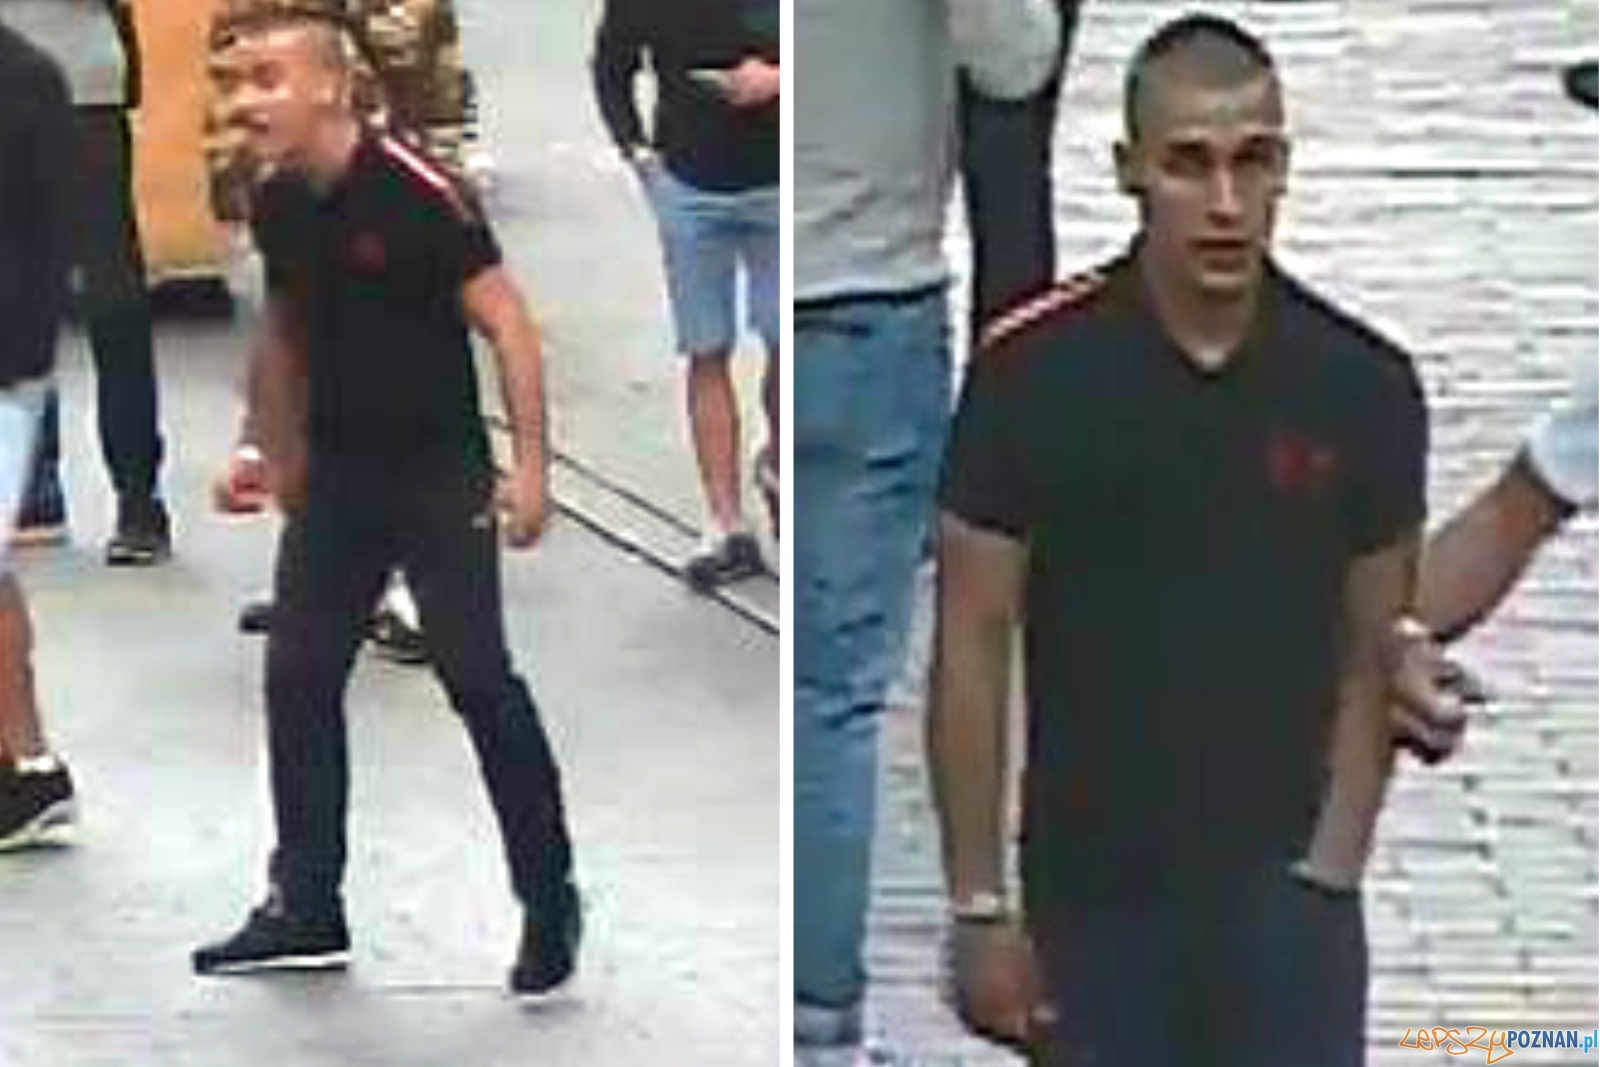 Poszukiwania i aresztowania po bójce na Wrocławskiej  Foto: monitoring